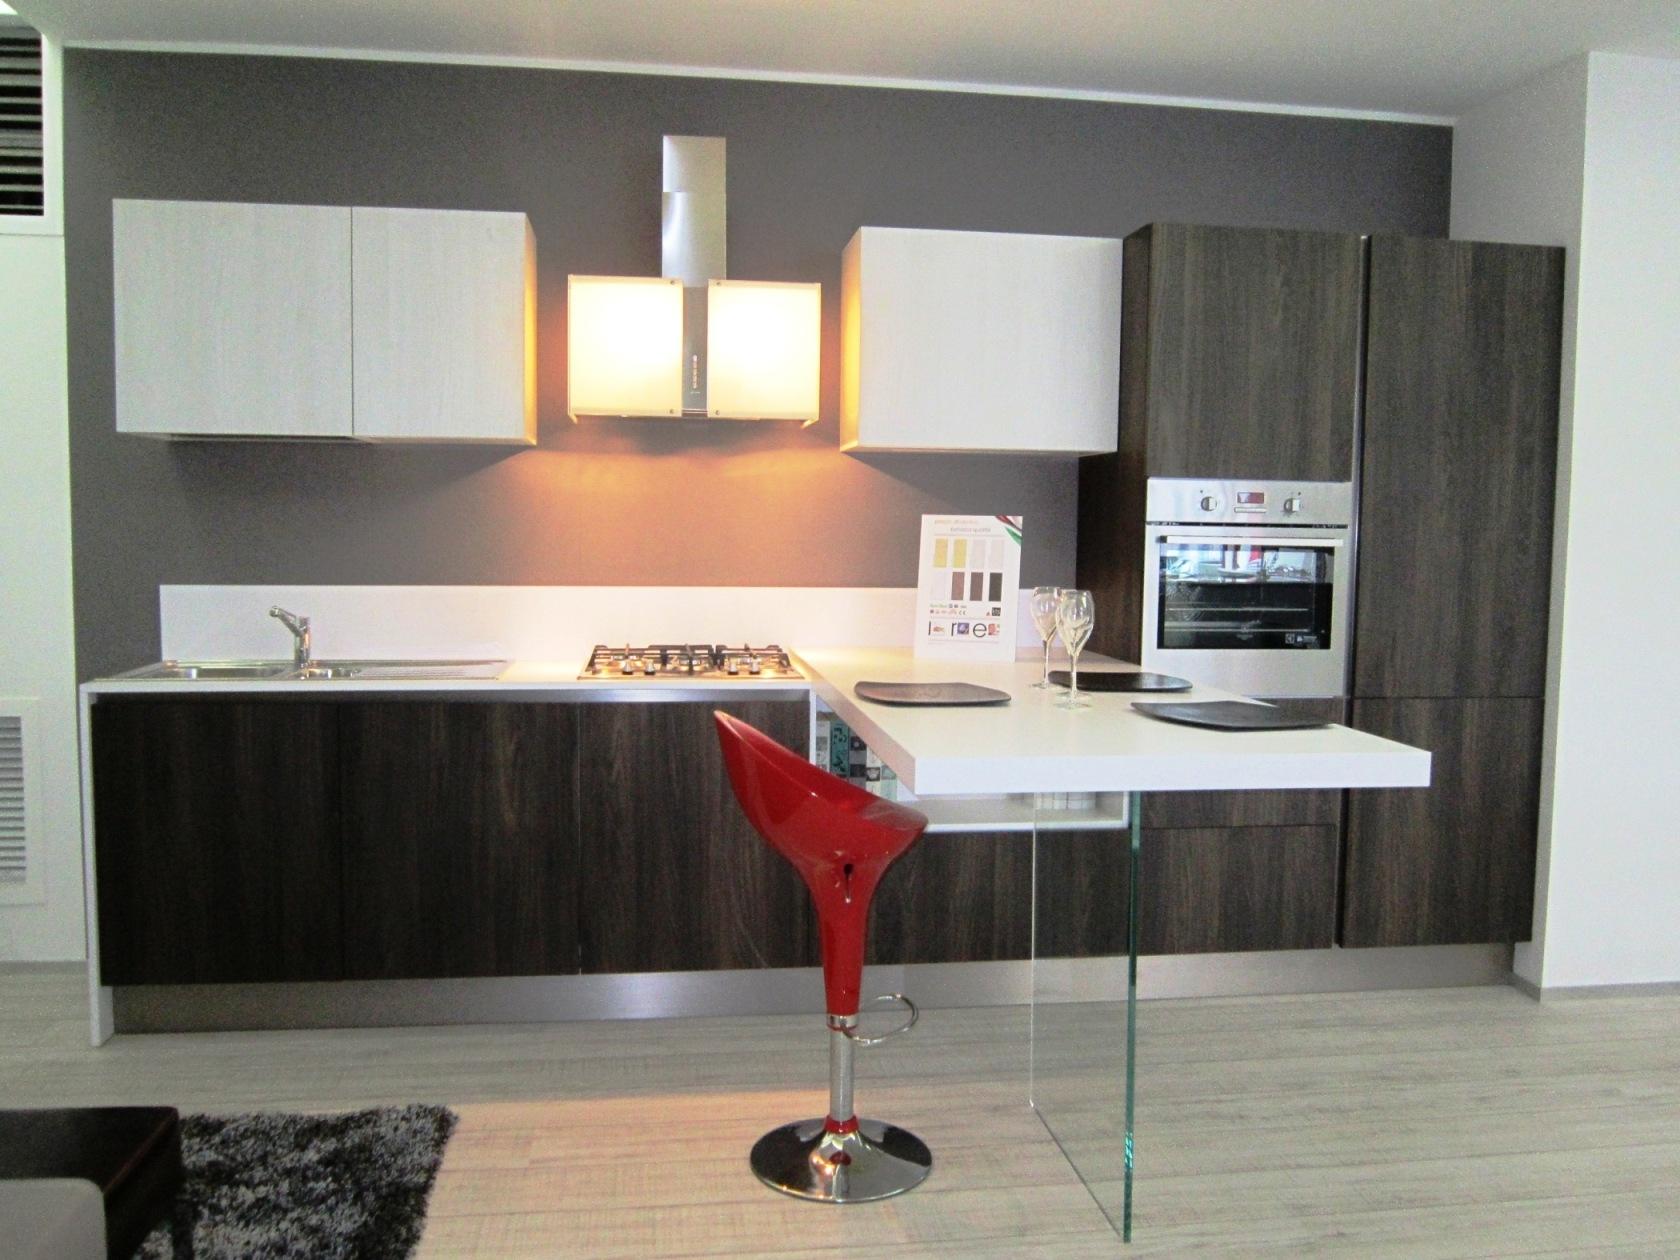 Cucina Arrital Cucine Ak02 Scontato Del  50 % Cucine A Prezzi  #6F3332 1680 1260 Veneta Cucine O Arrital